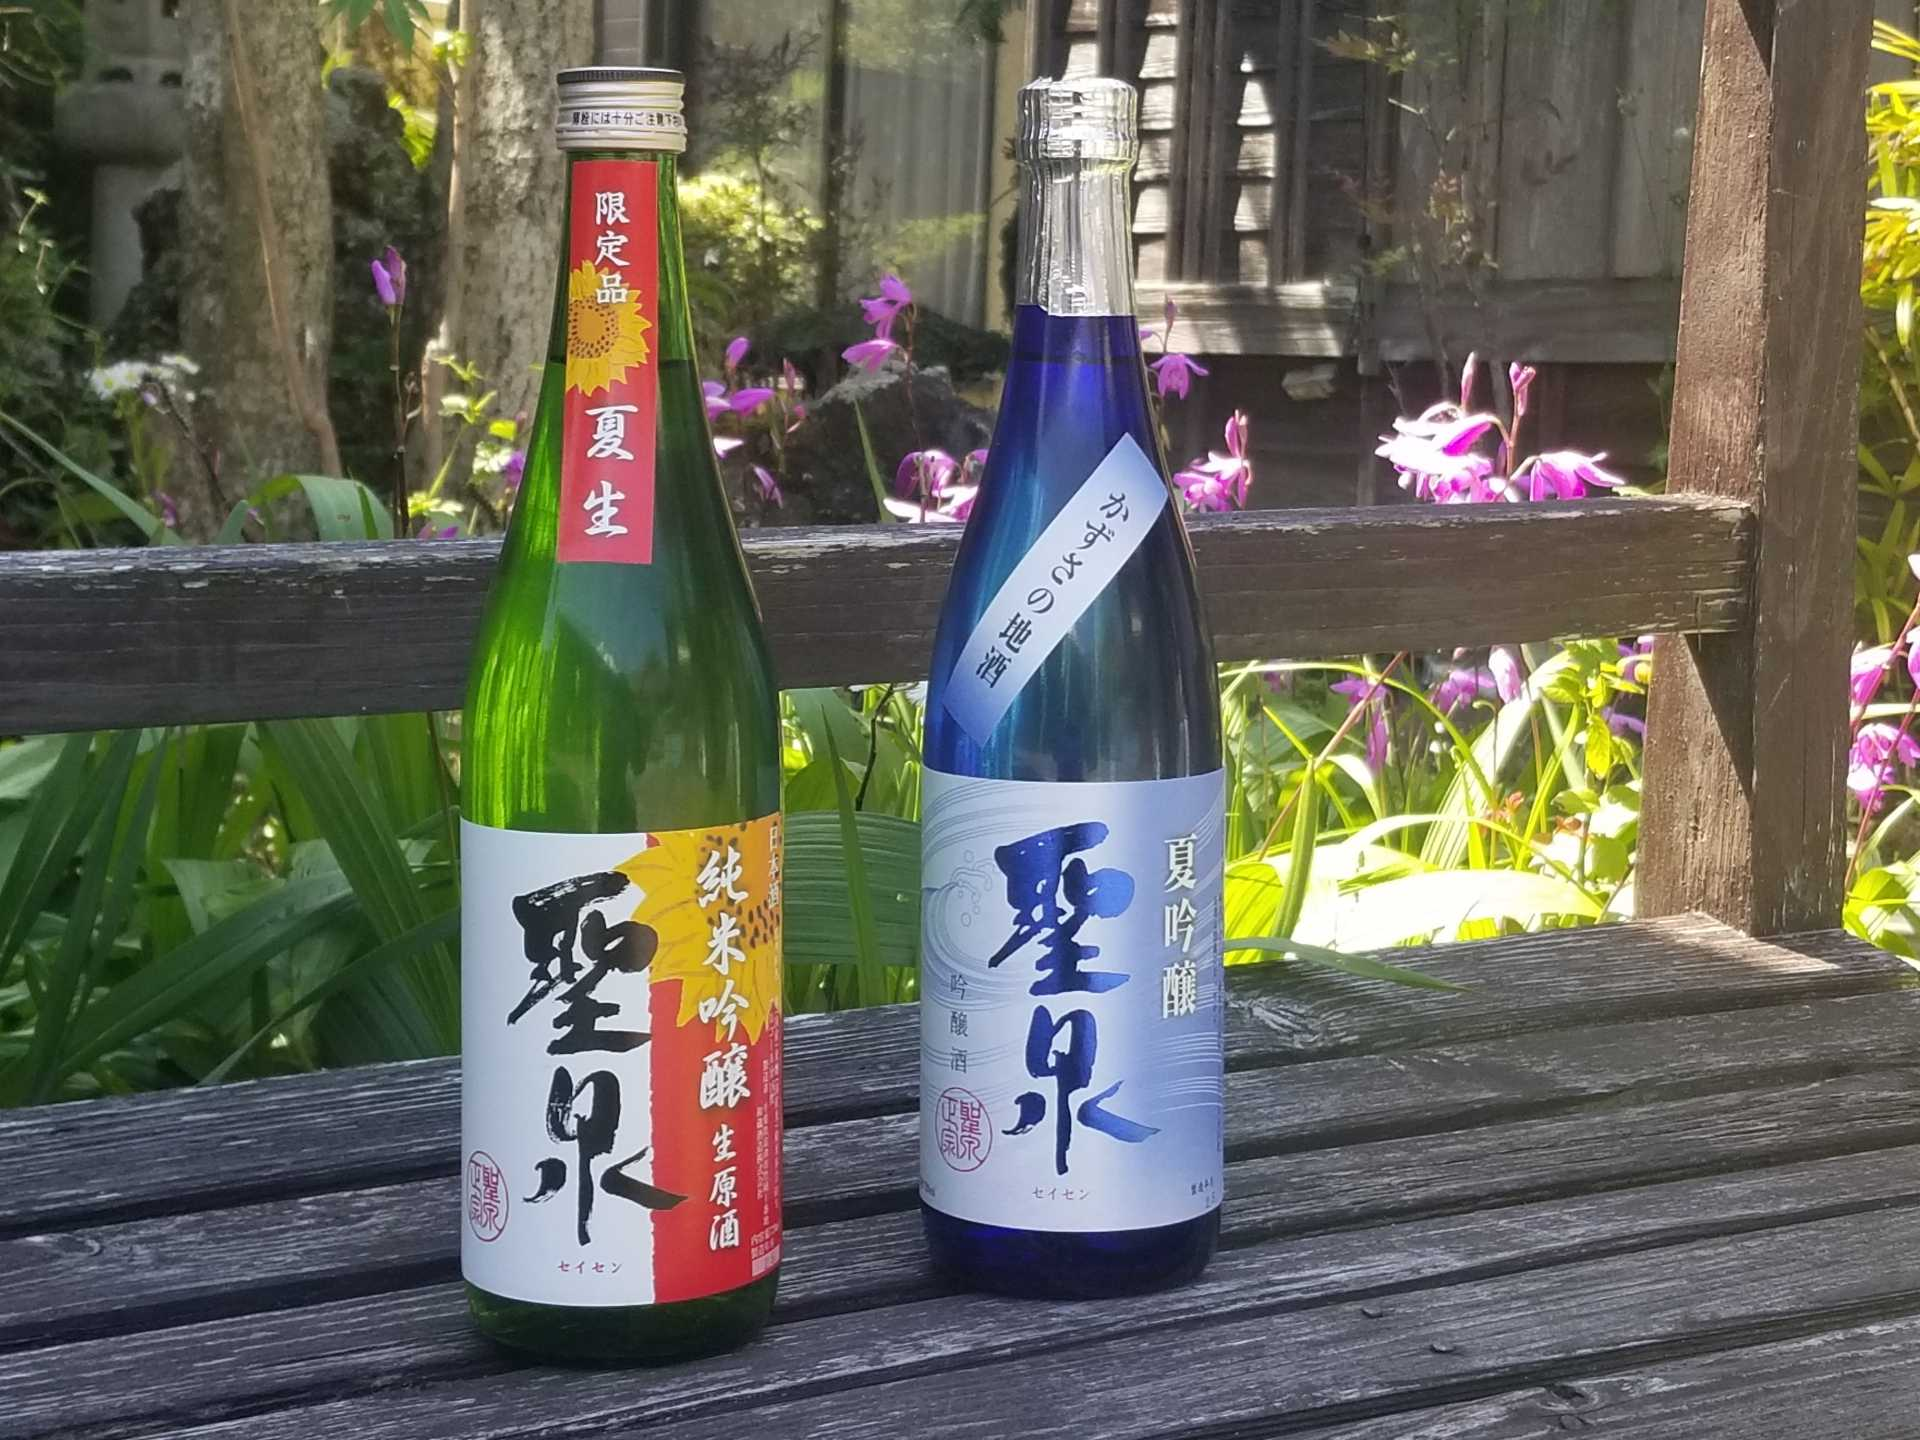 お家飲みに彩を添えるキリッと冷やしておいしい「夏酒」発売します